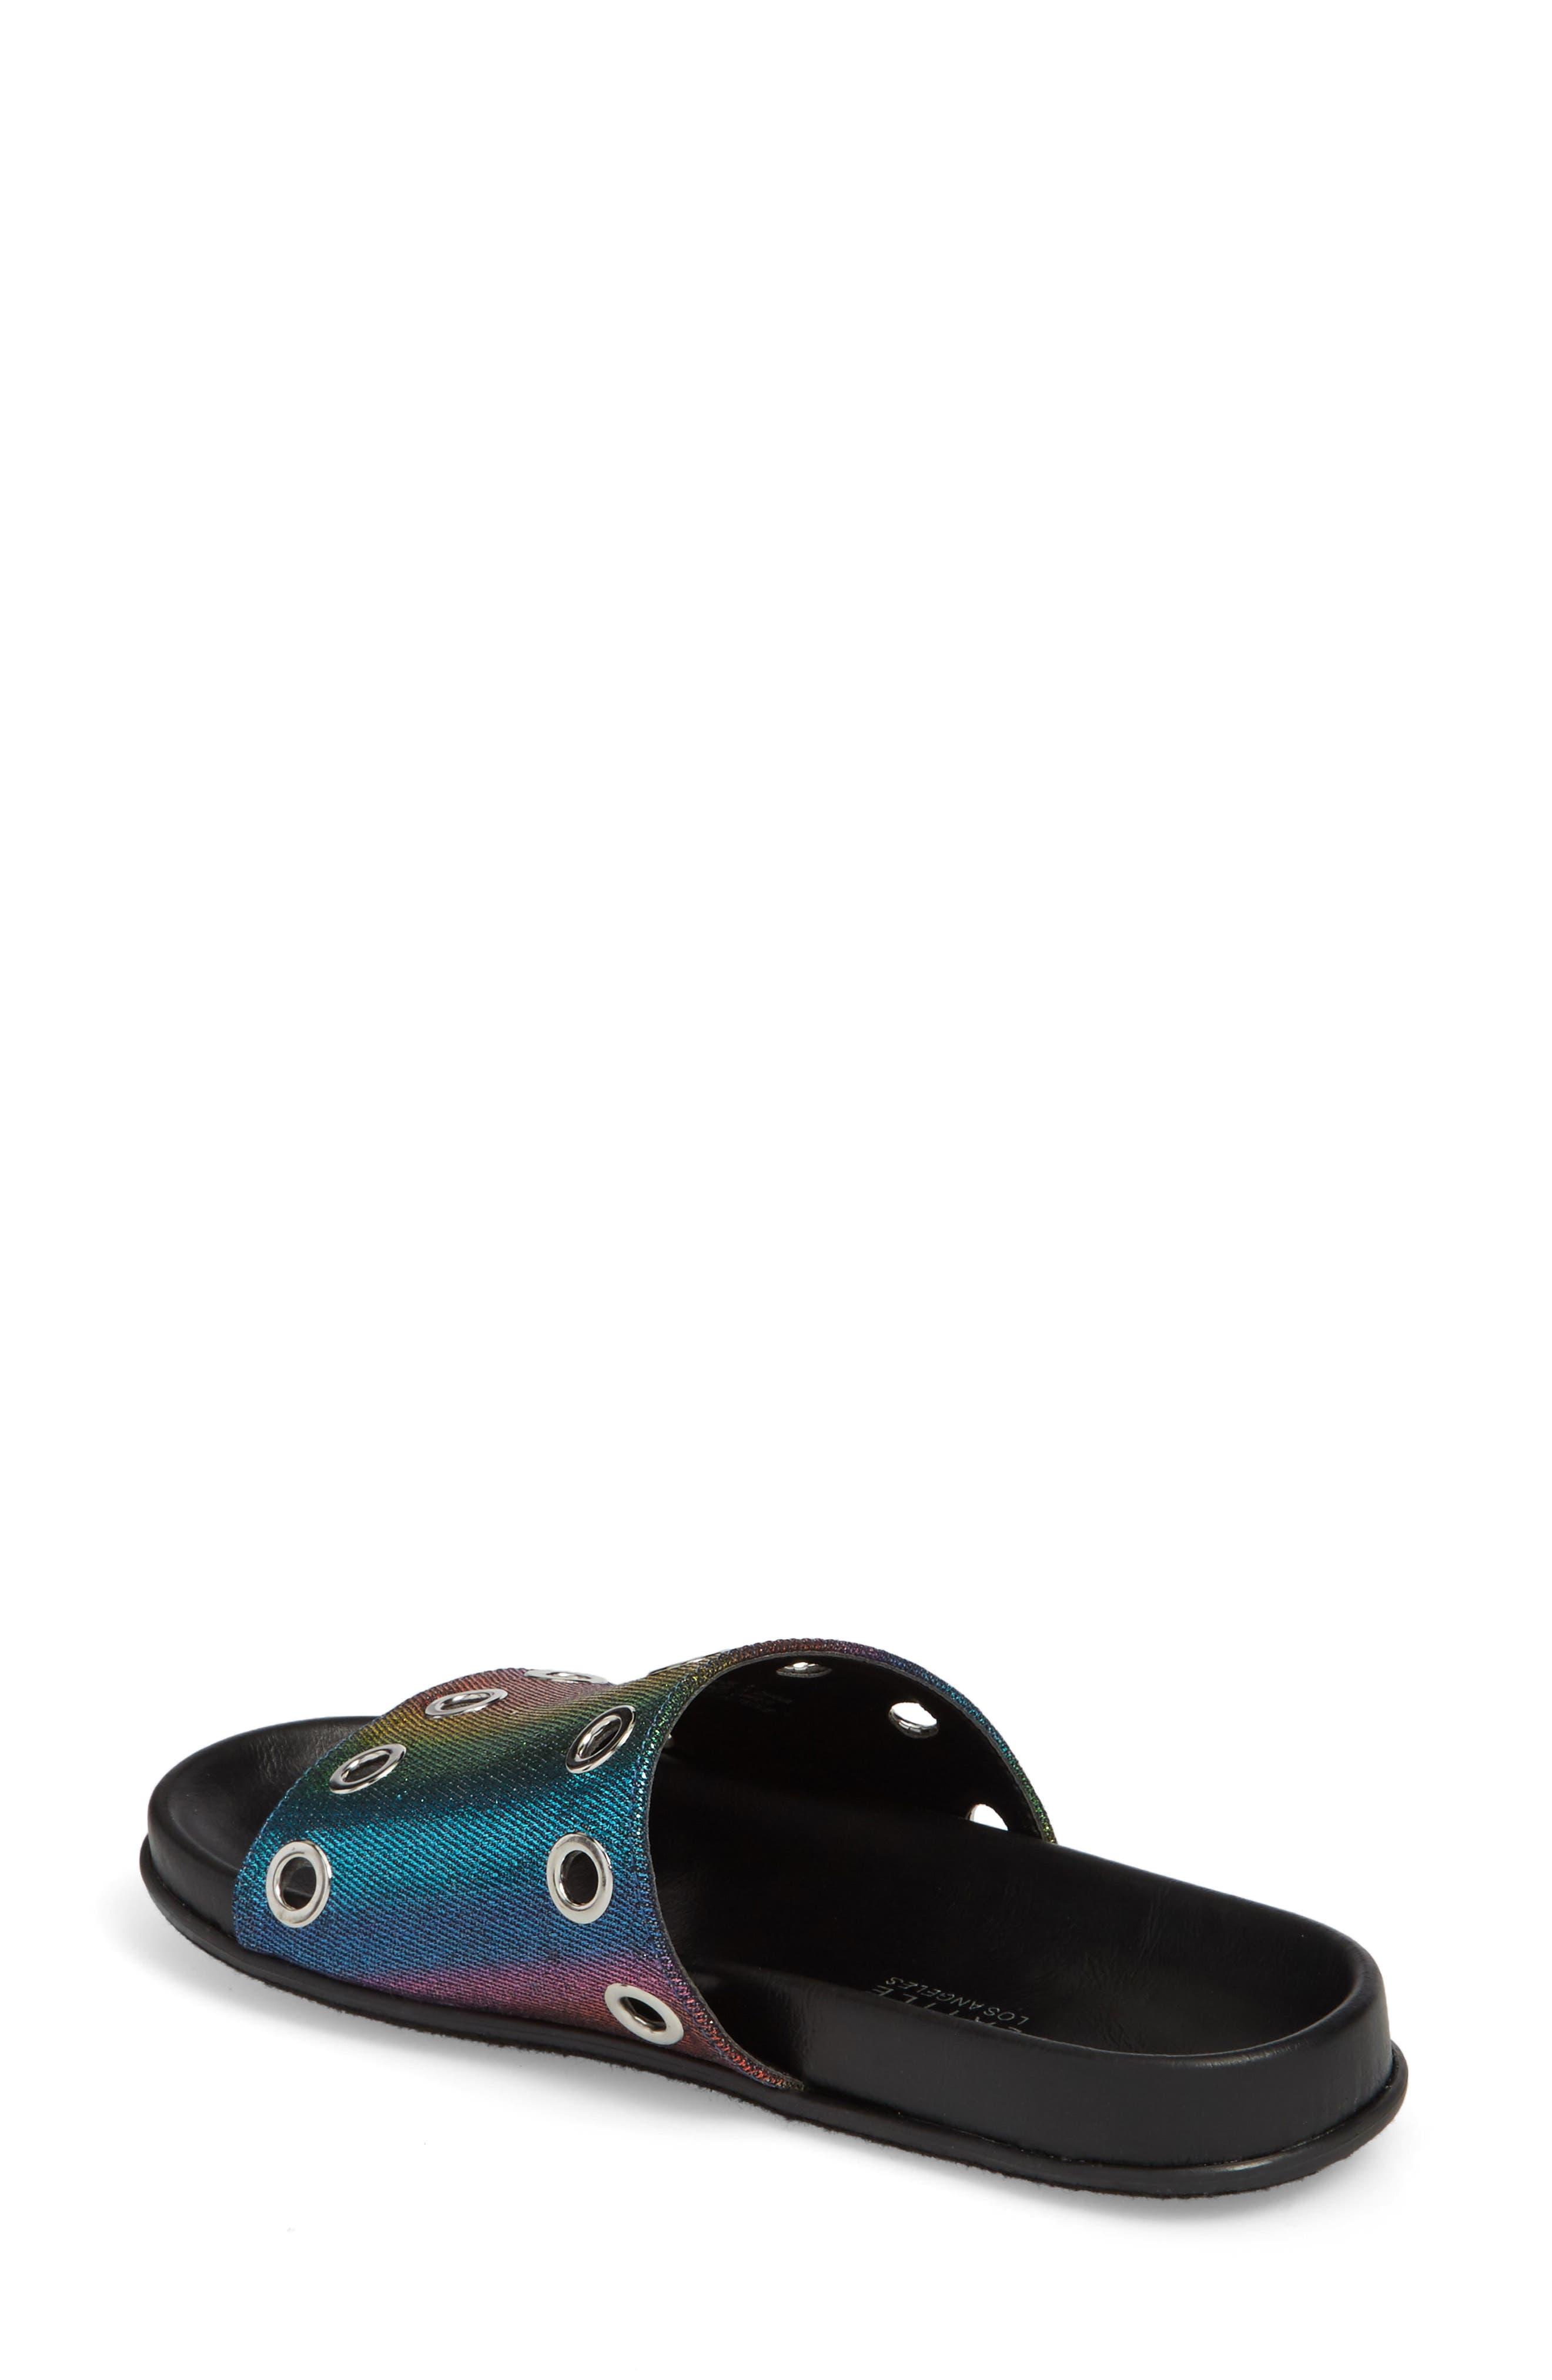 Lenny Slide Sandal,                             Alternate thumbnail 4, color,